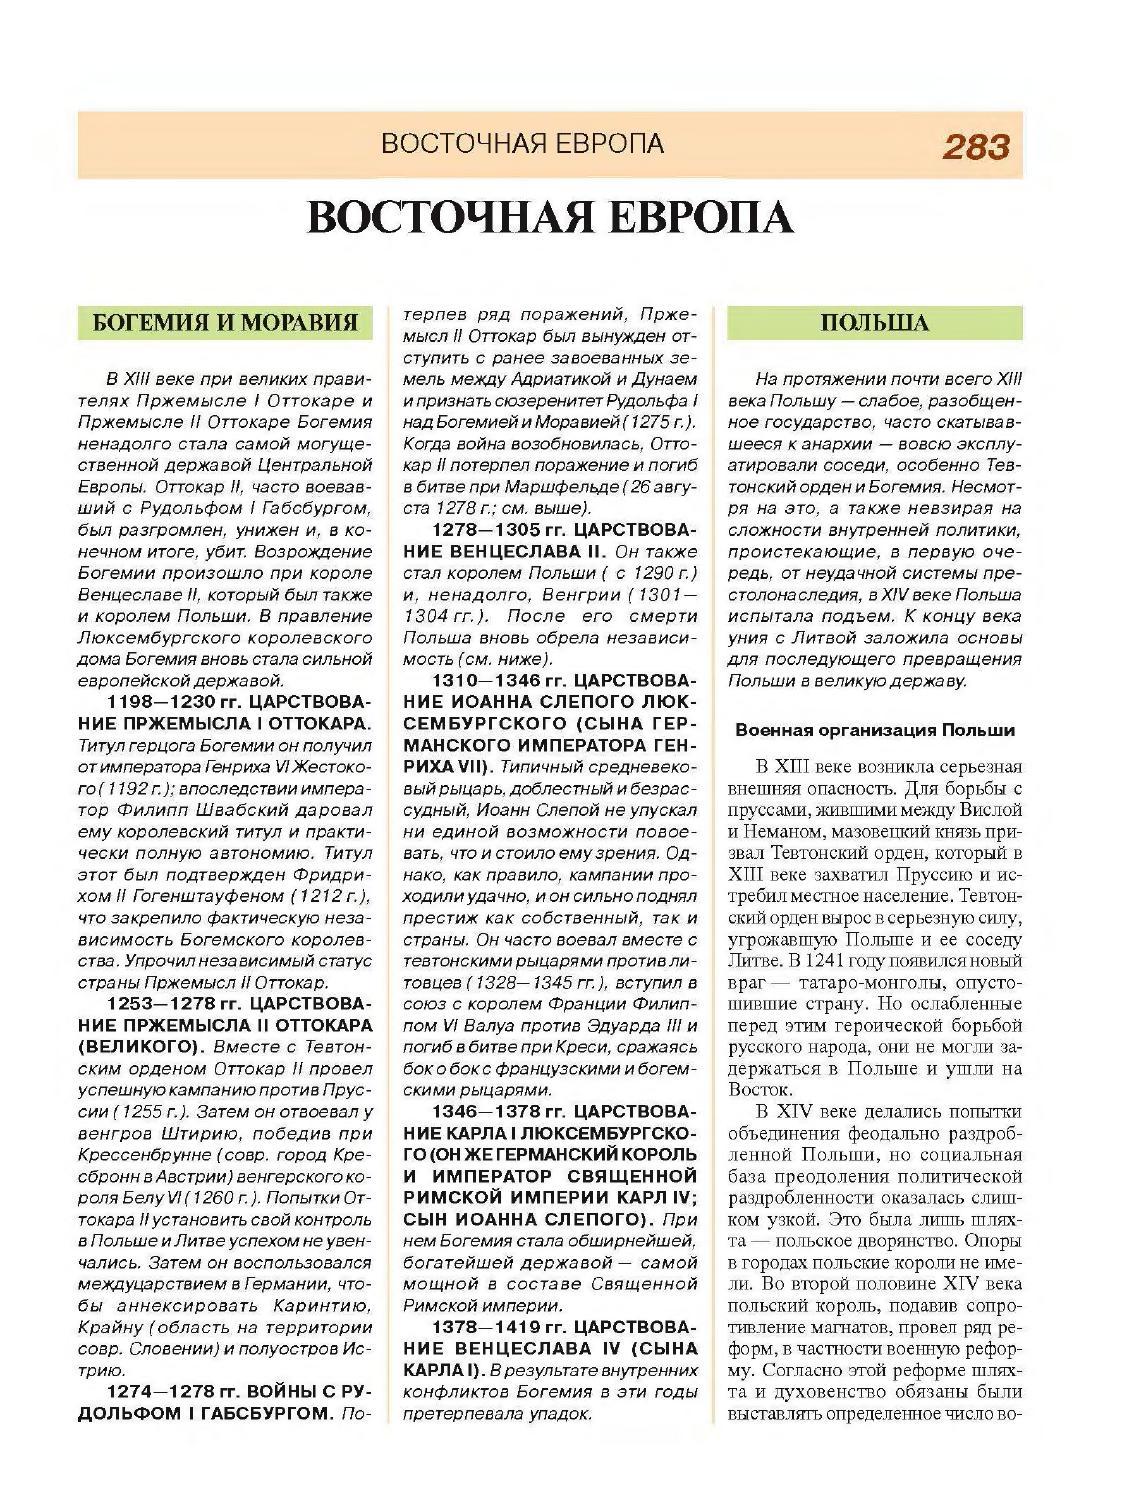 Atbi Milf Porn ВСЕ ВОЙНЫ МИРОВОЙ ИСТОРИИ Т.2.Ч.2.watra - issuu